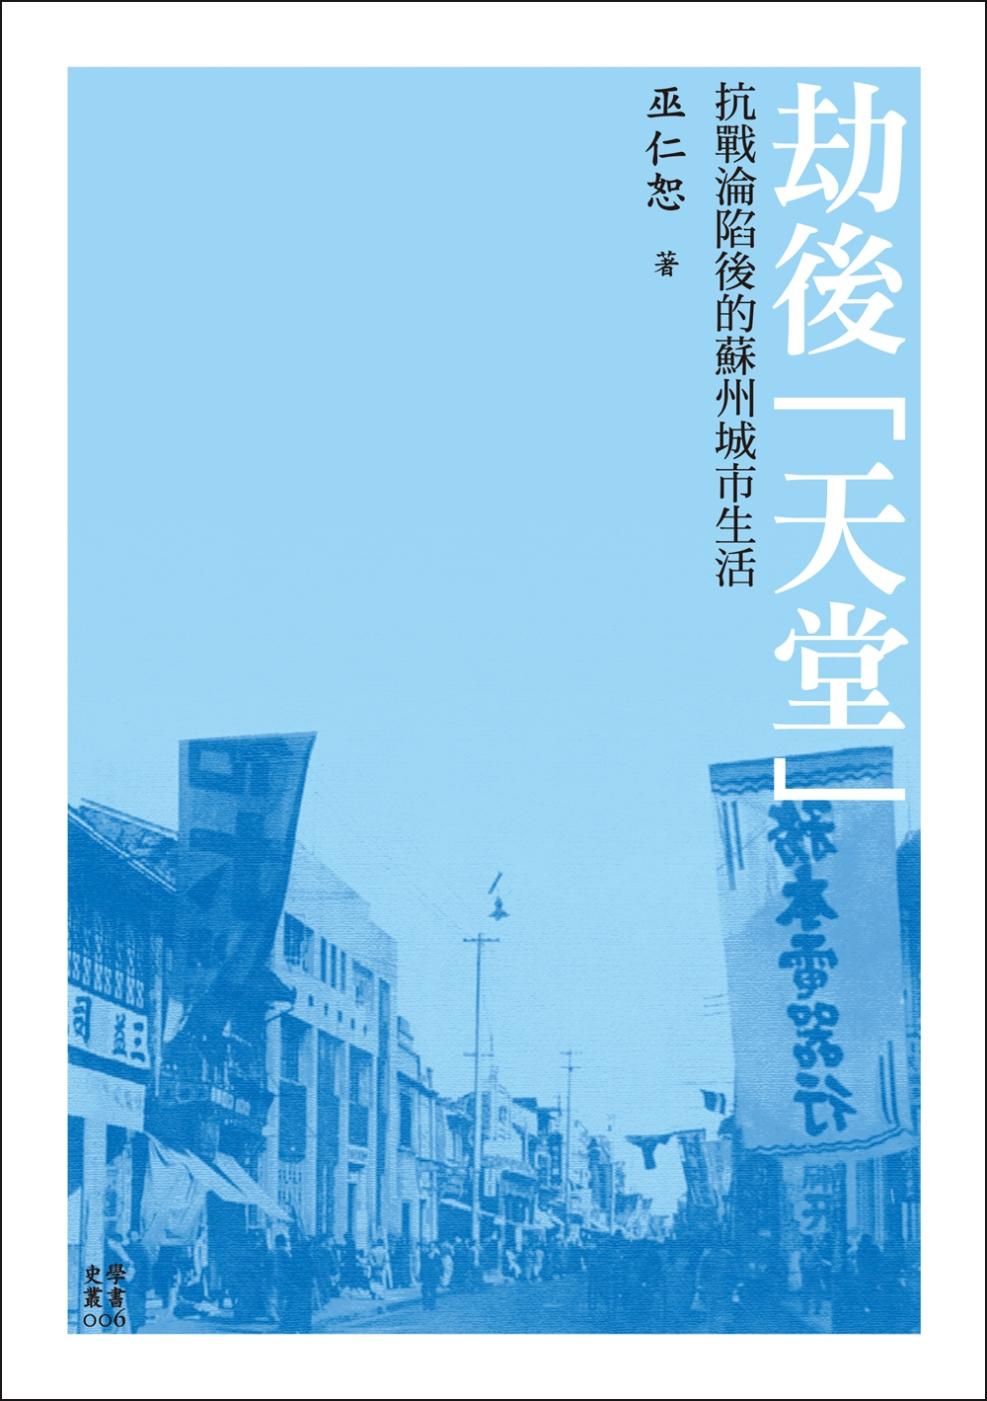 ◤博客來BOOKS◢ 暢銷書榜《推薦》劫後「天堂」:抗戰淪陷後的蘇州城市生活